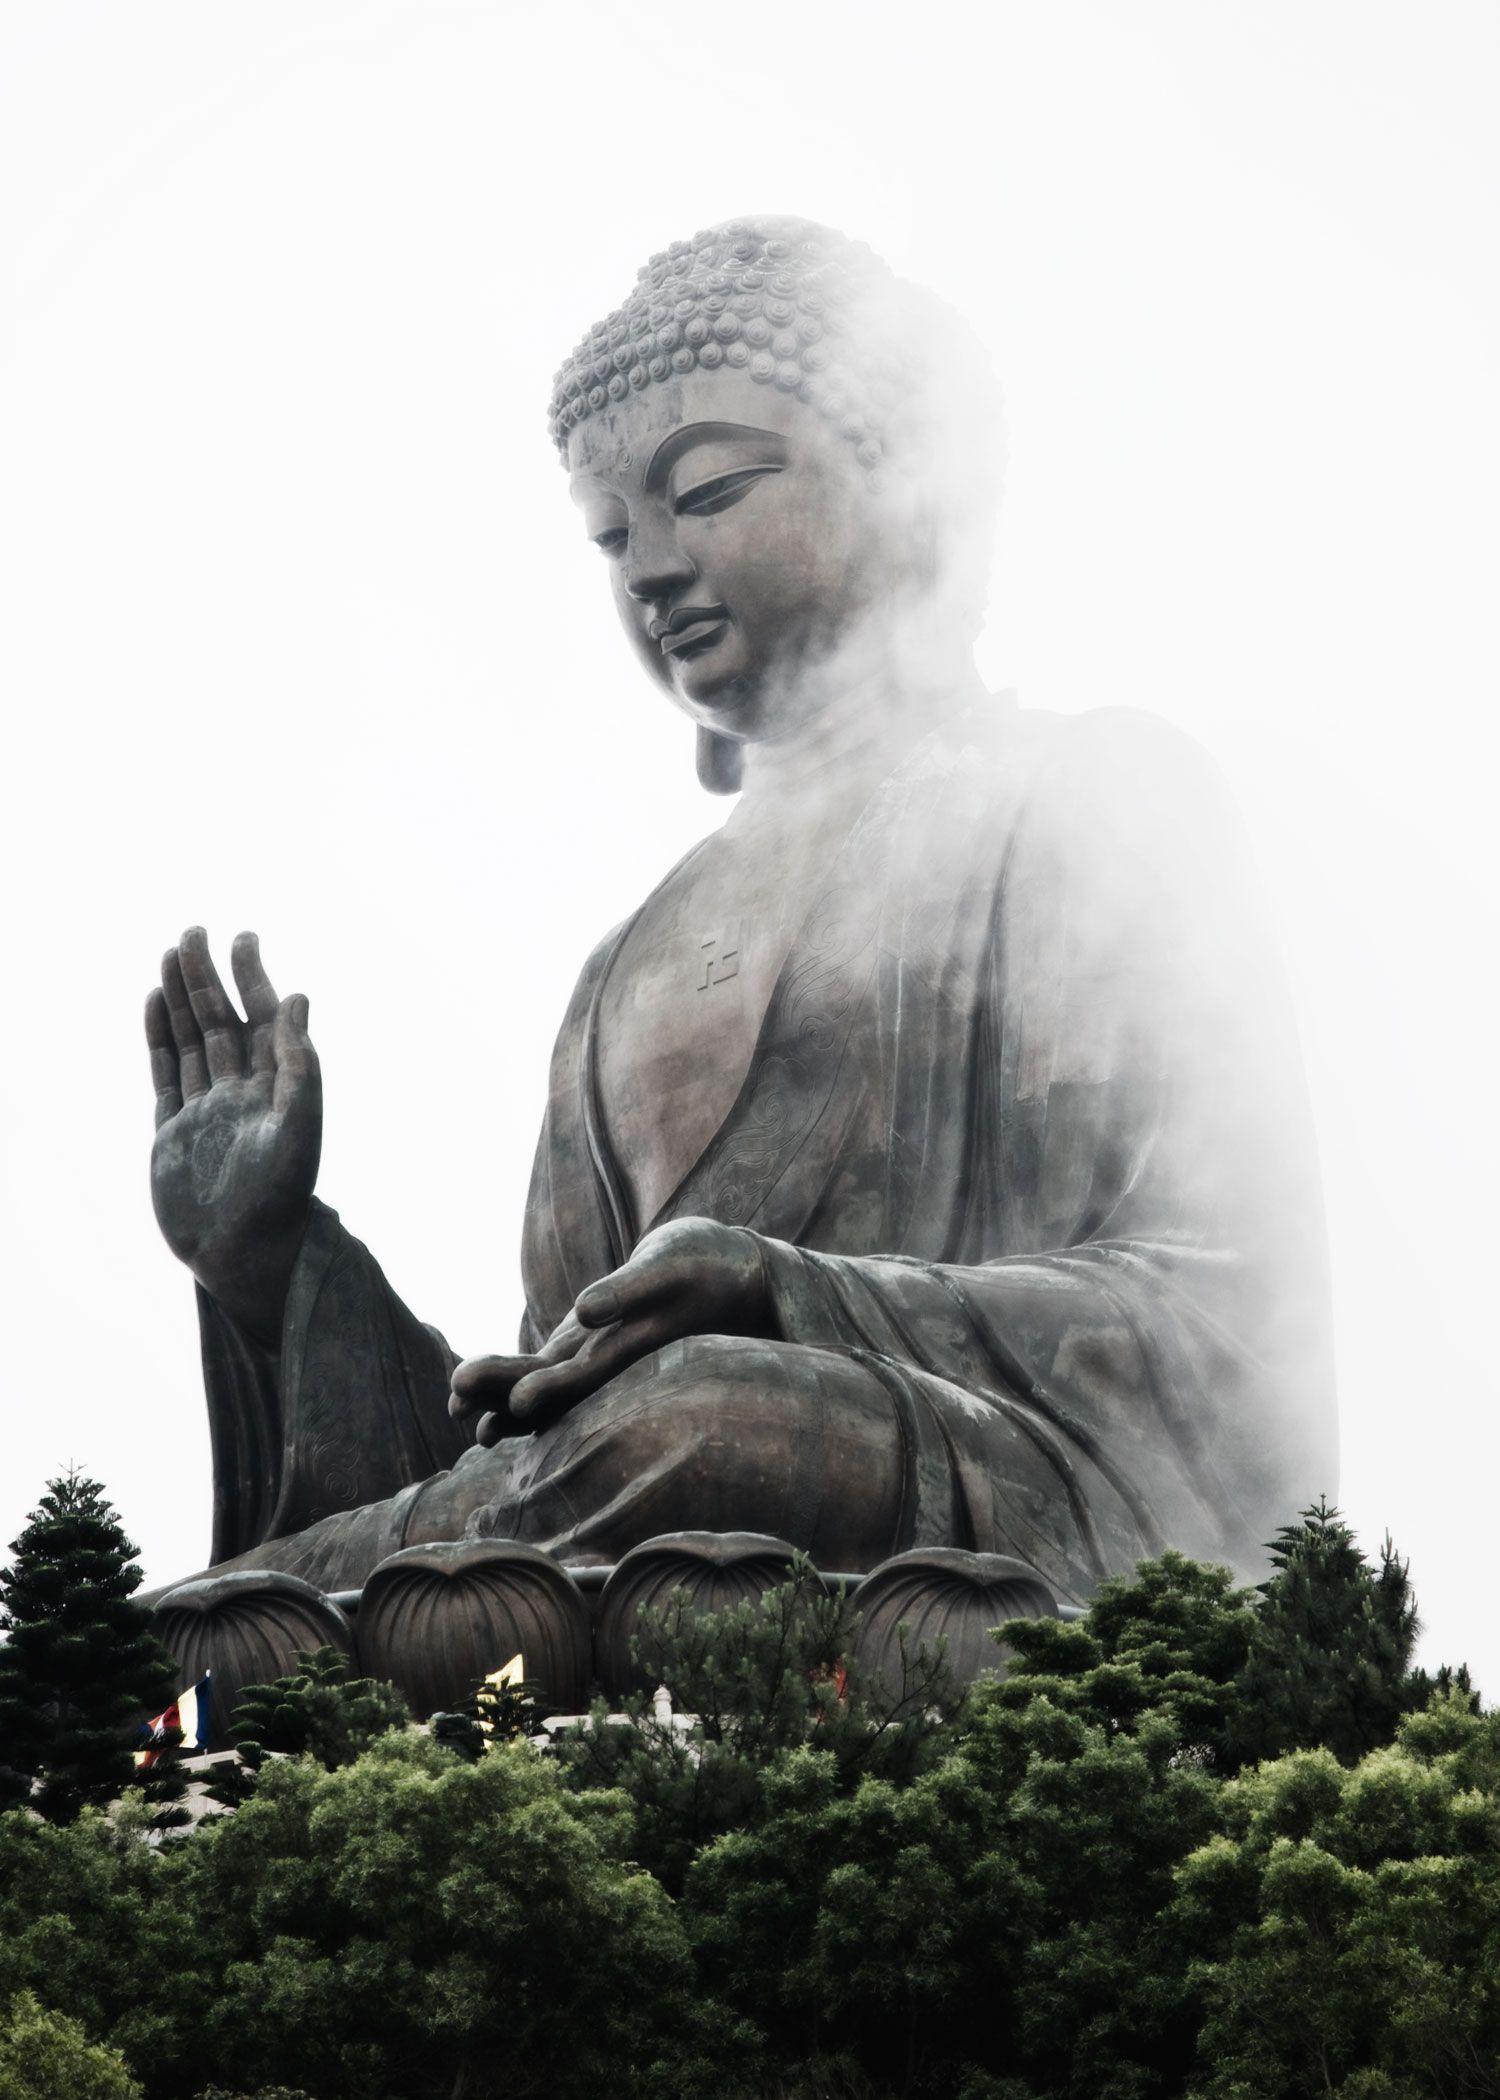 Tian Tan Buddha I love this picture taken by Deborah